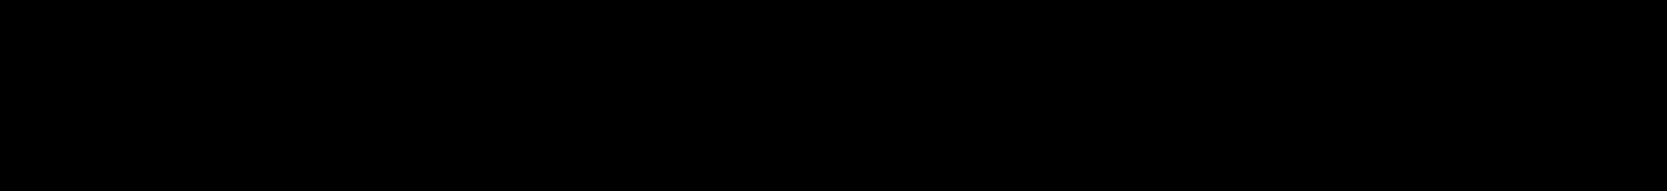 Octin Stencil Black